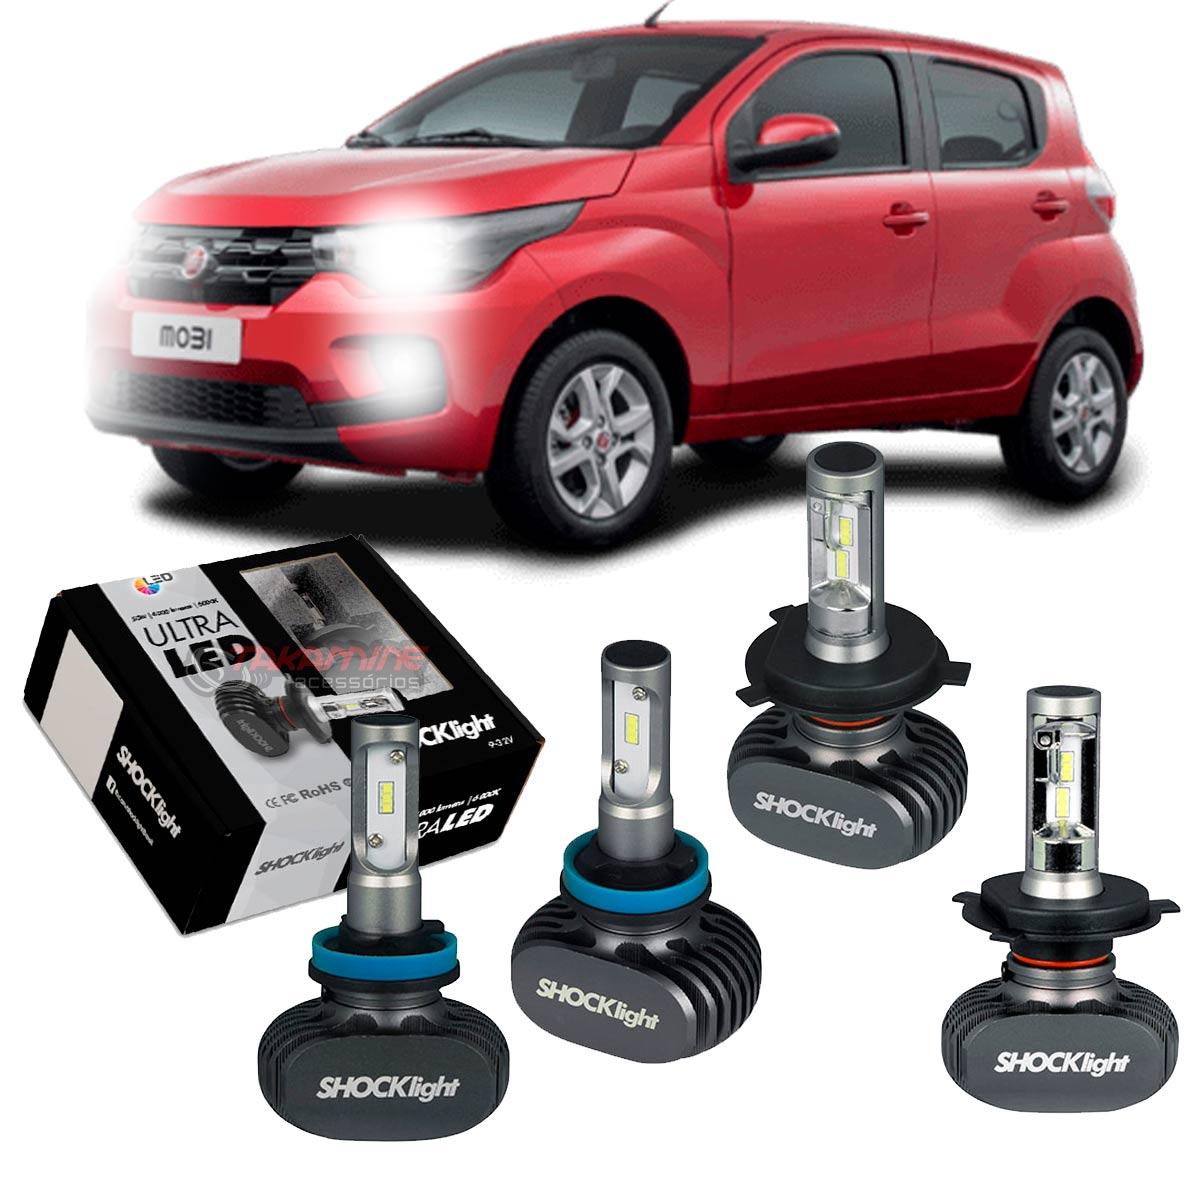 Kit Ultra LED Mobi 2016 2017 2018 2019 2020 tipo xenon farol alto e baixo H4 e milha H11 50W